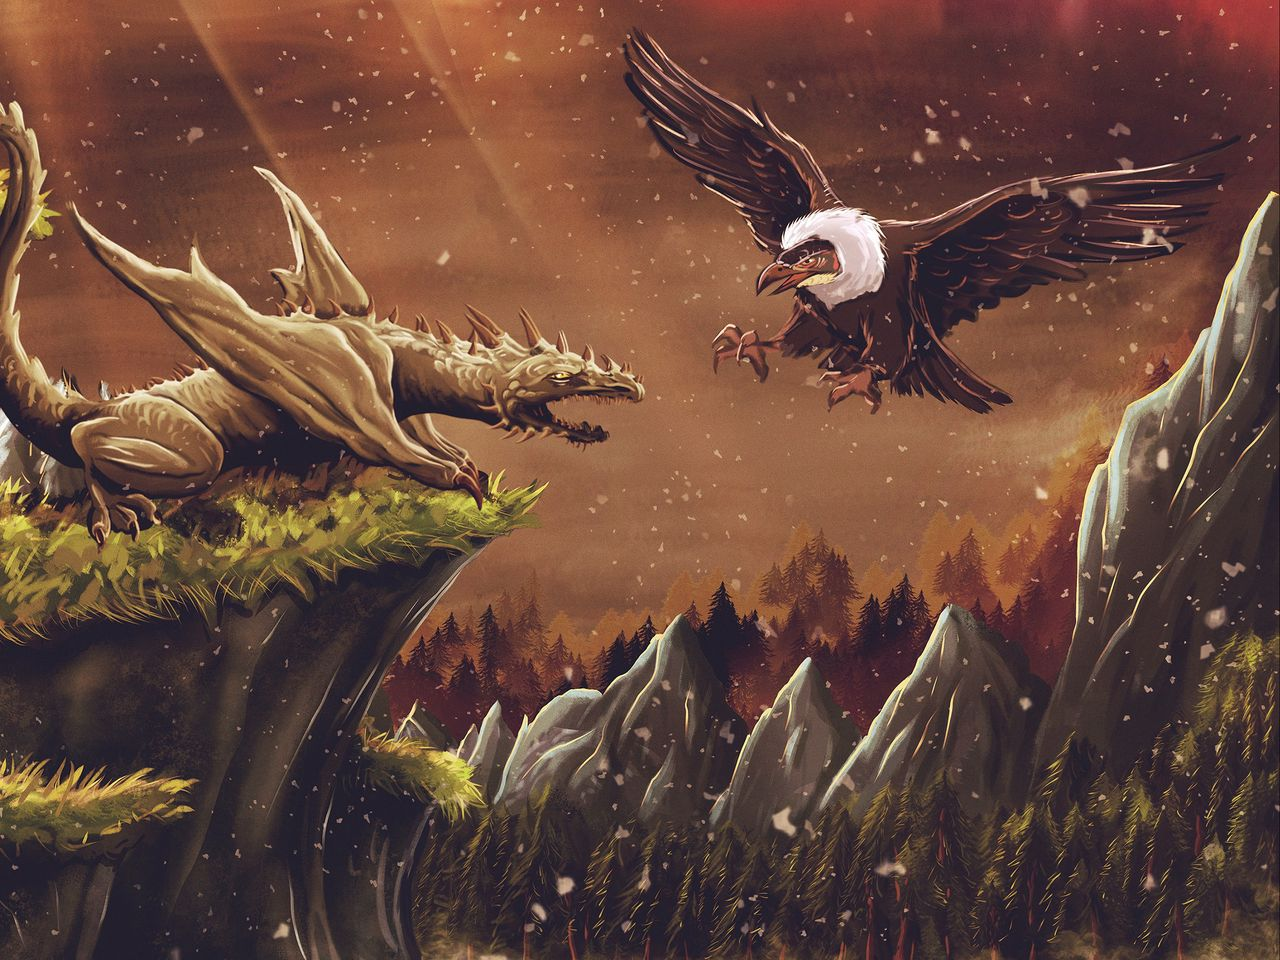 1280x960 Wallpaper dragon, vulture, bird, art, fiction